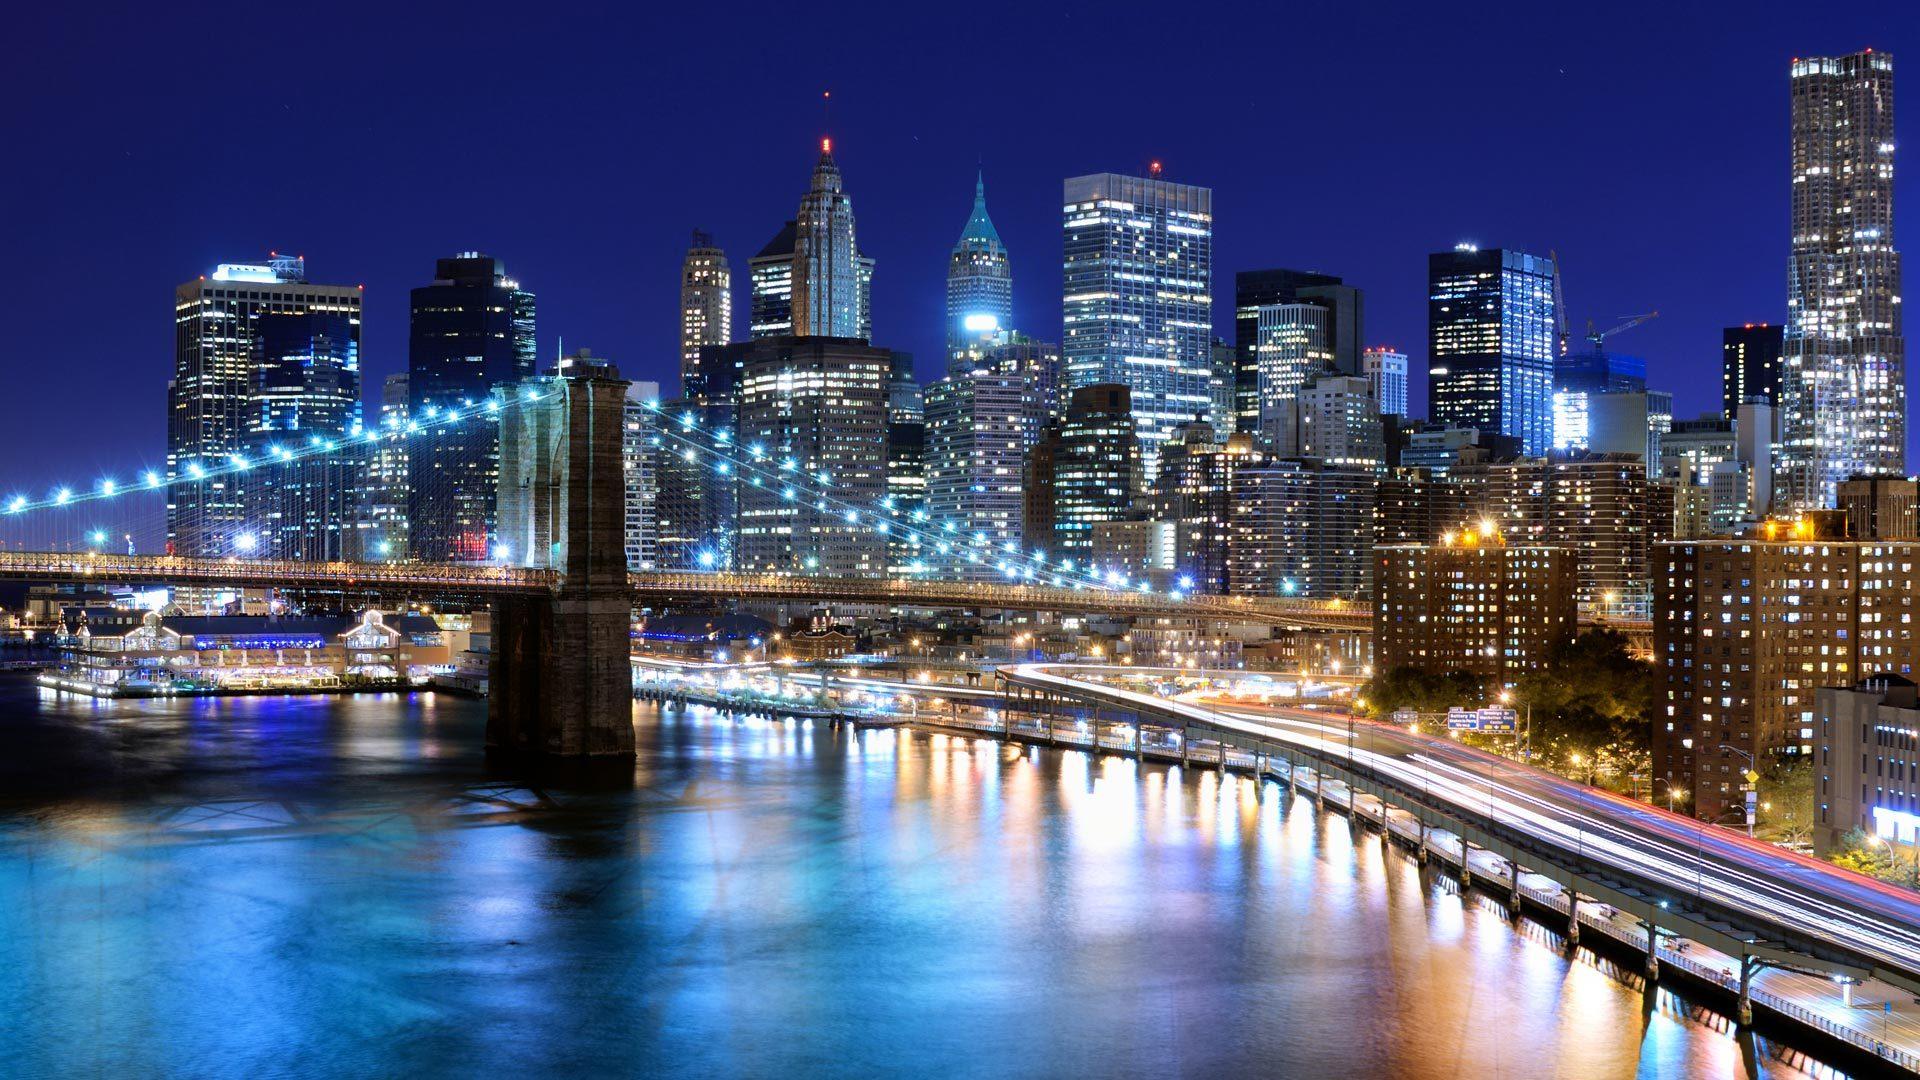 Pont ville illuminée